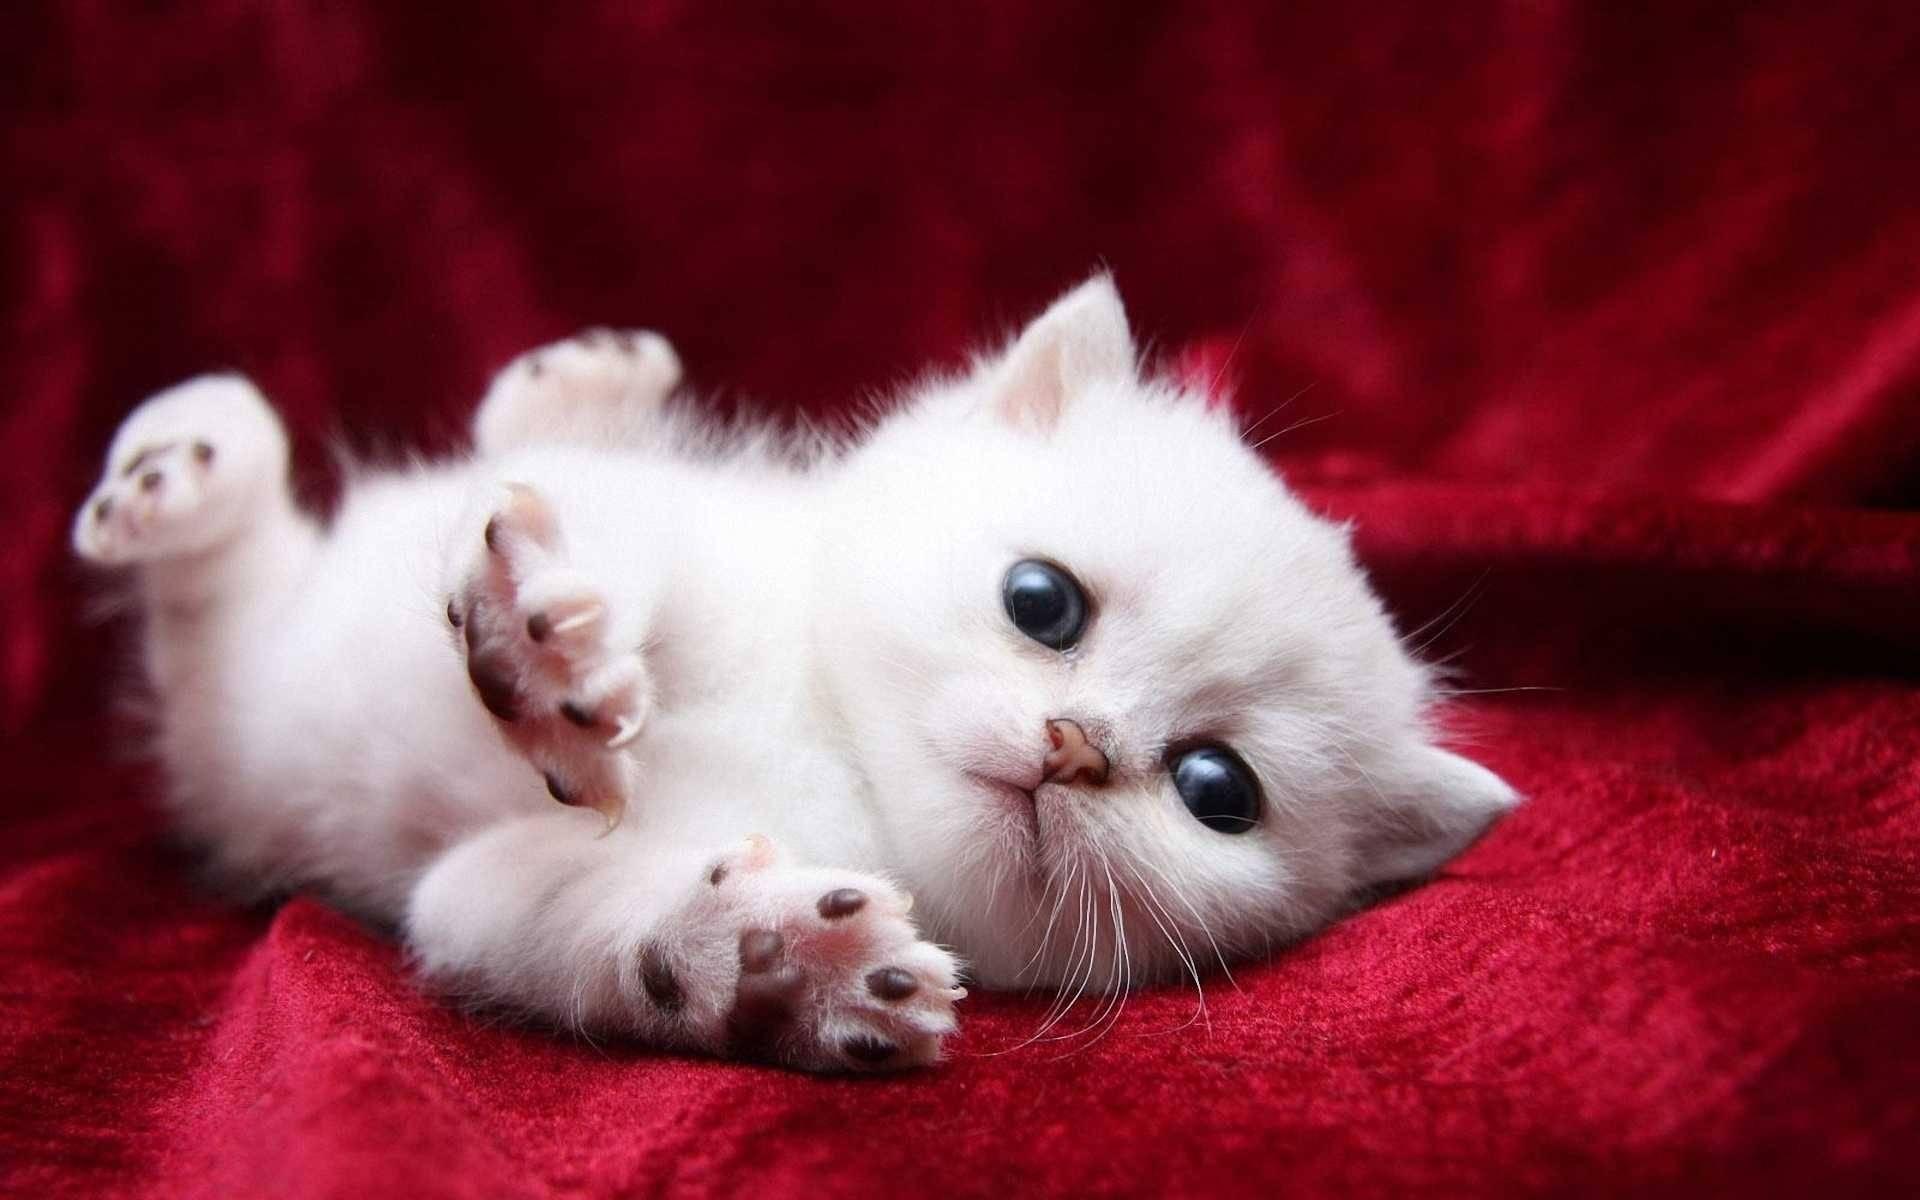 بالصور اجمل صور قطط , صور جميله عن القطط 6108 9